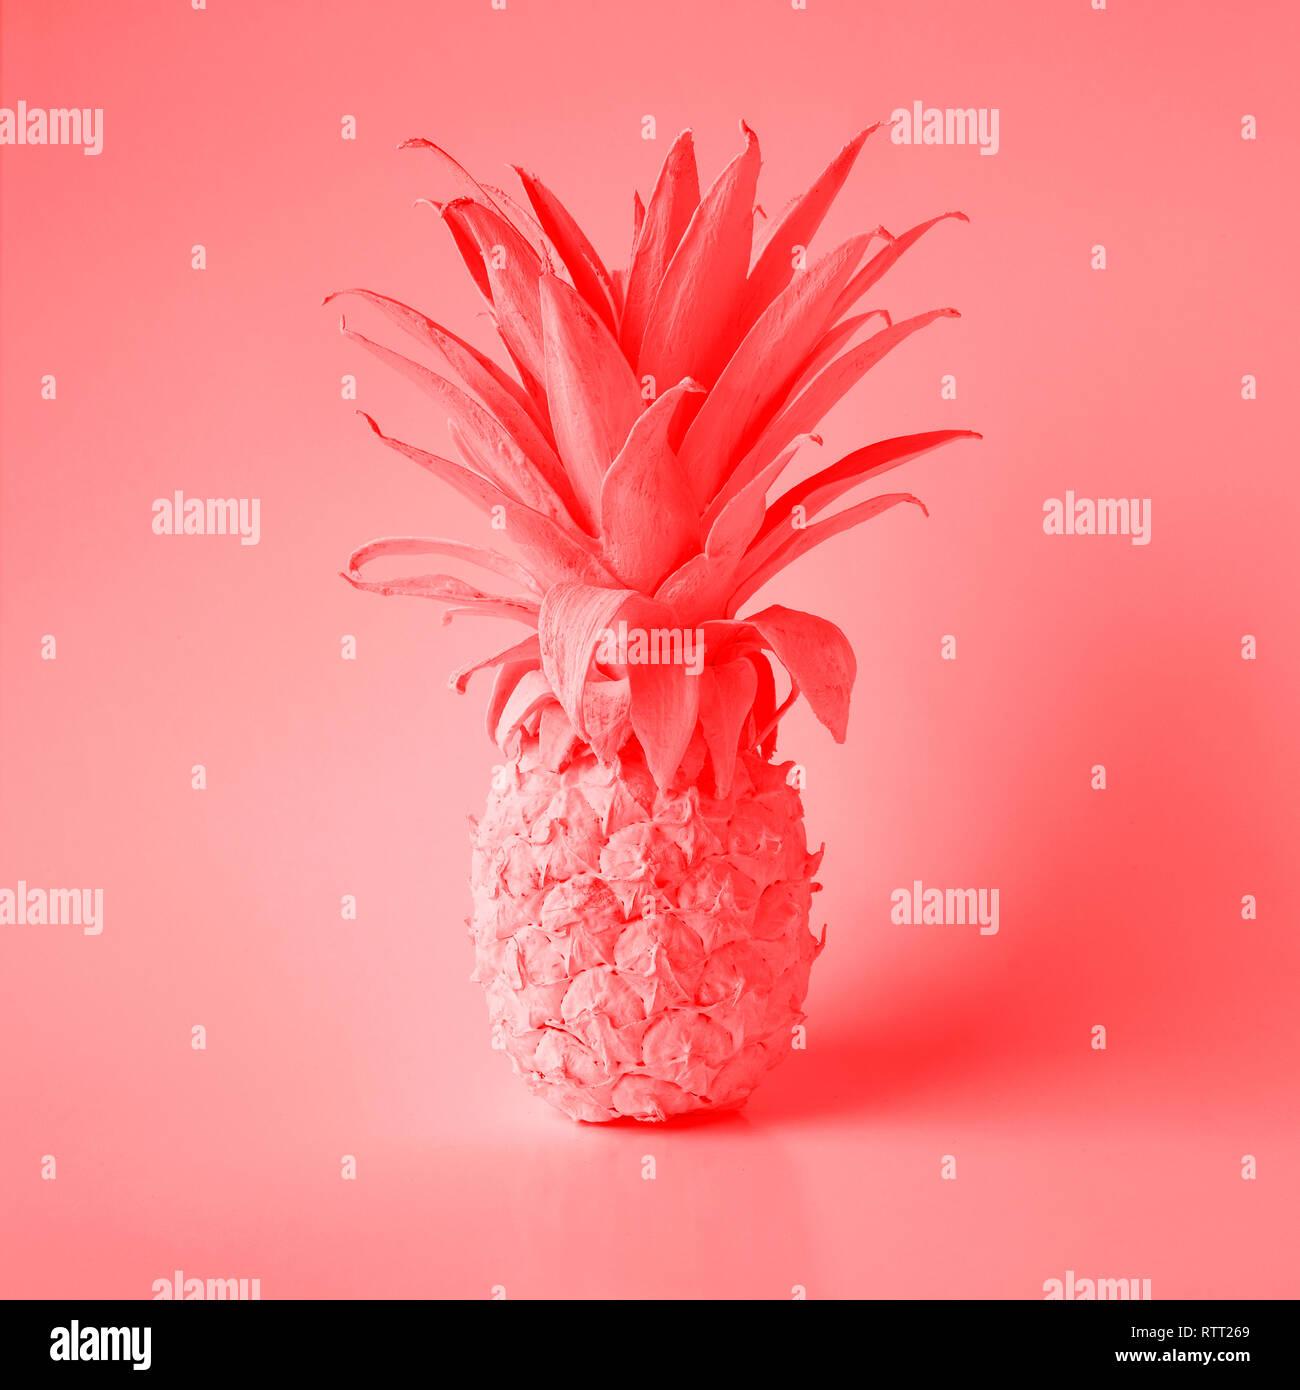 Couleur corail vivant de l'année 2019 avec l'été et de l'ananas.Maison de vacances idées concepts Photo Stock